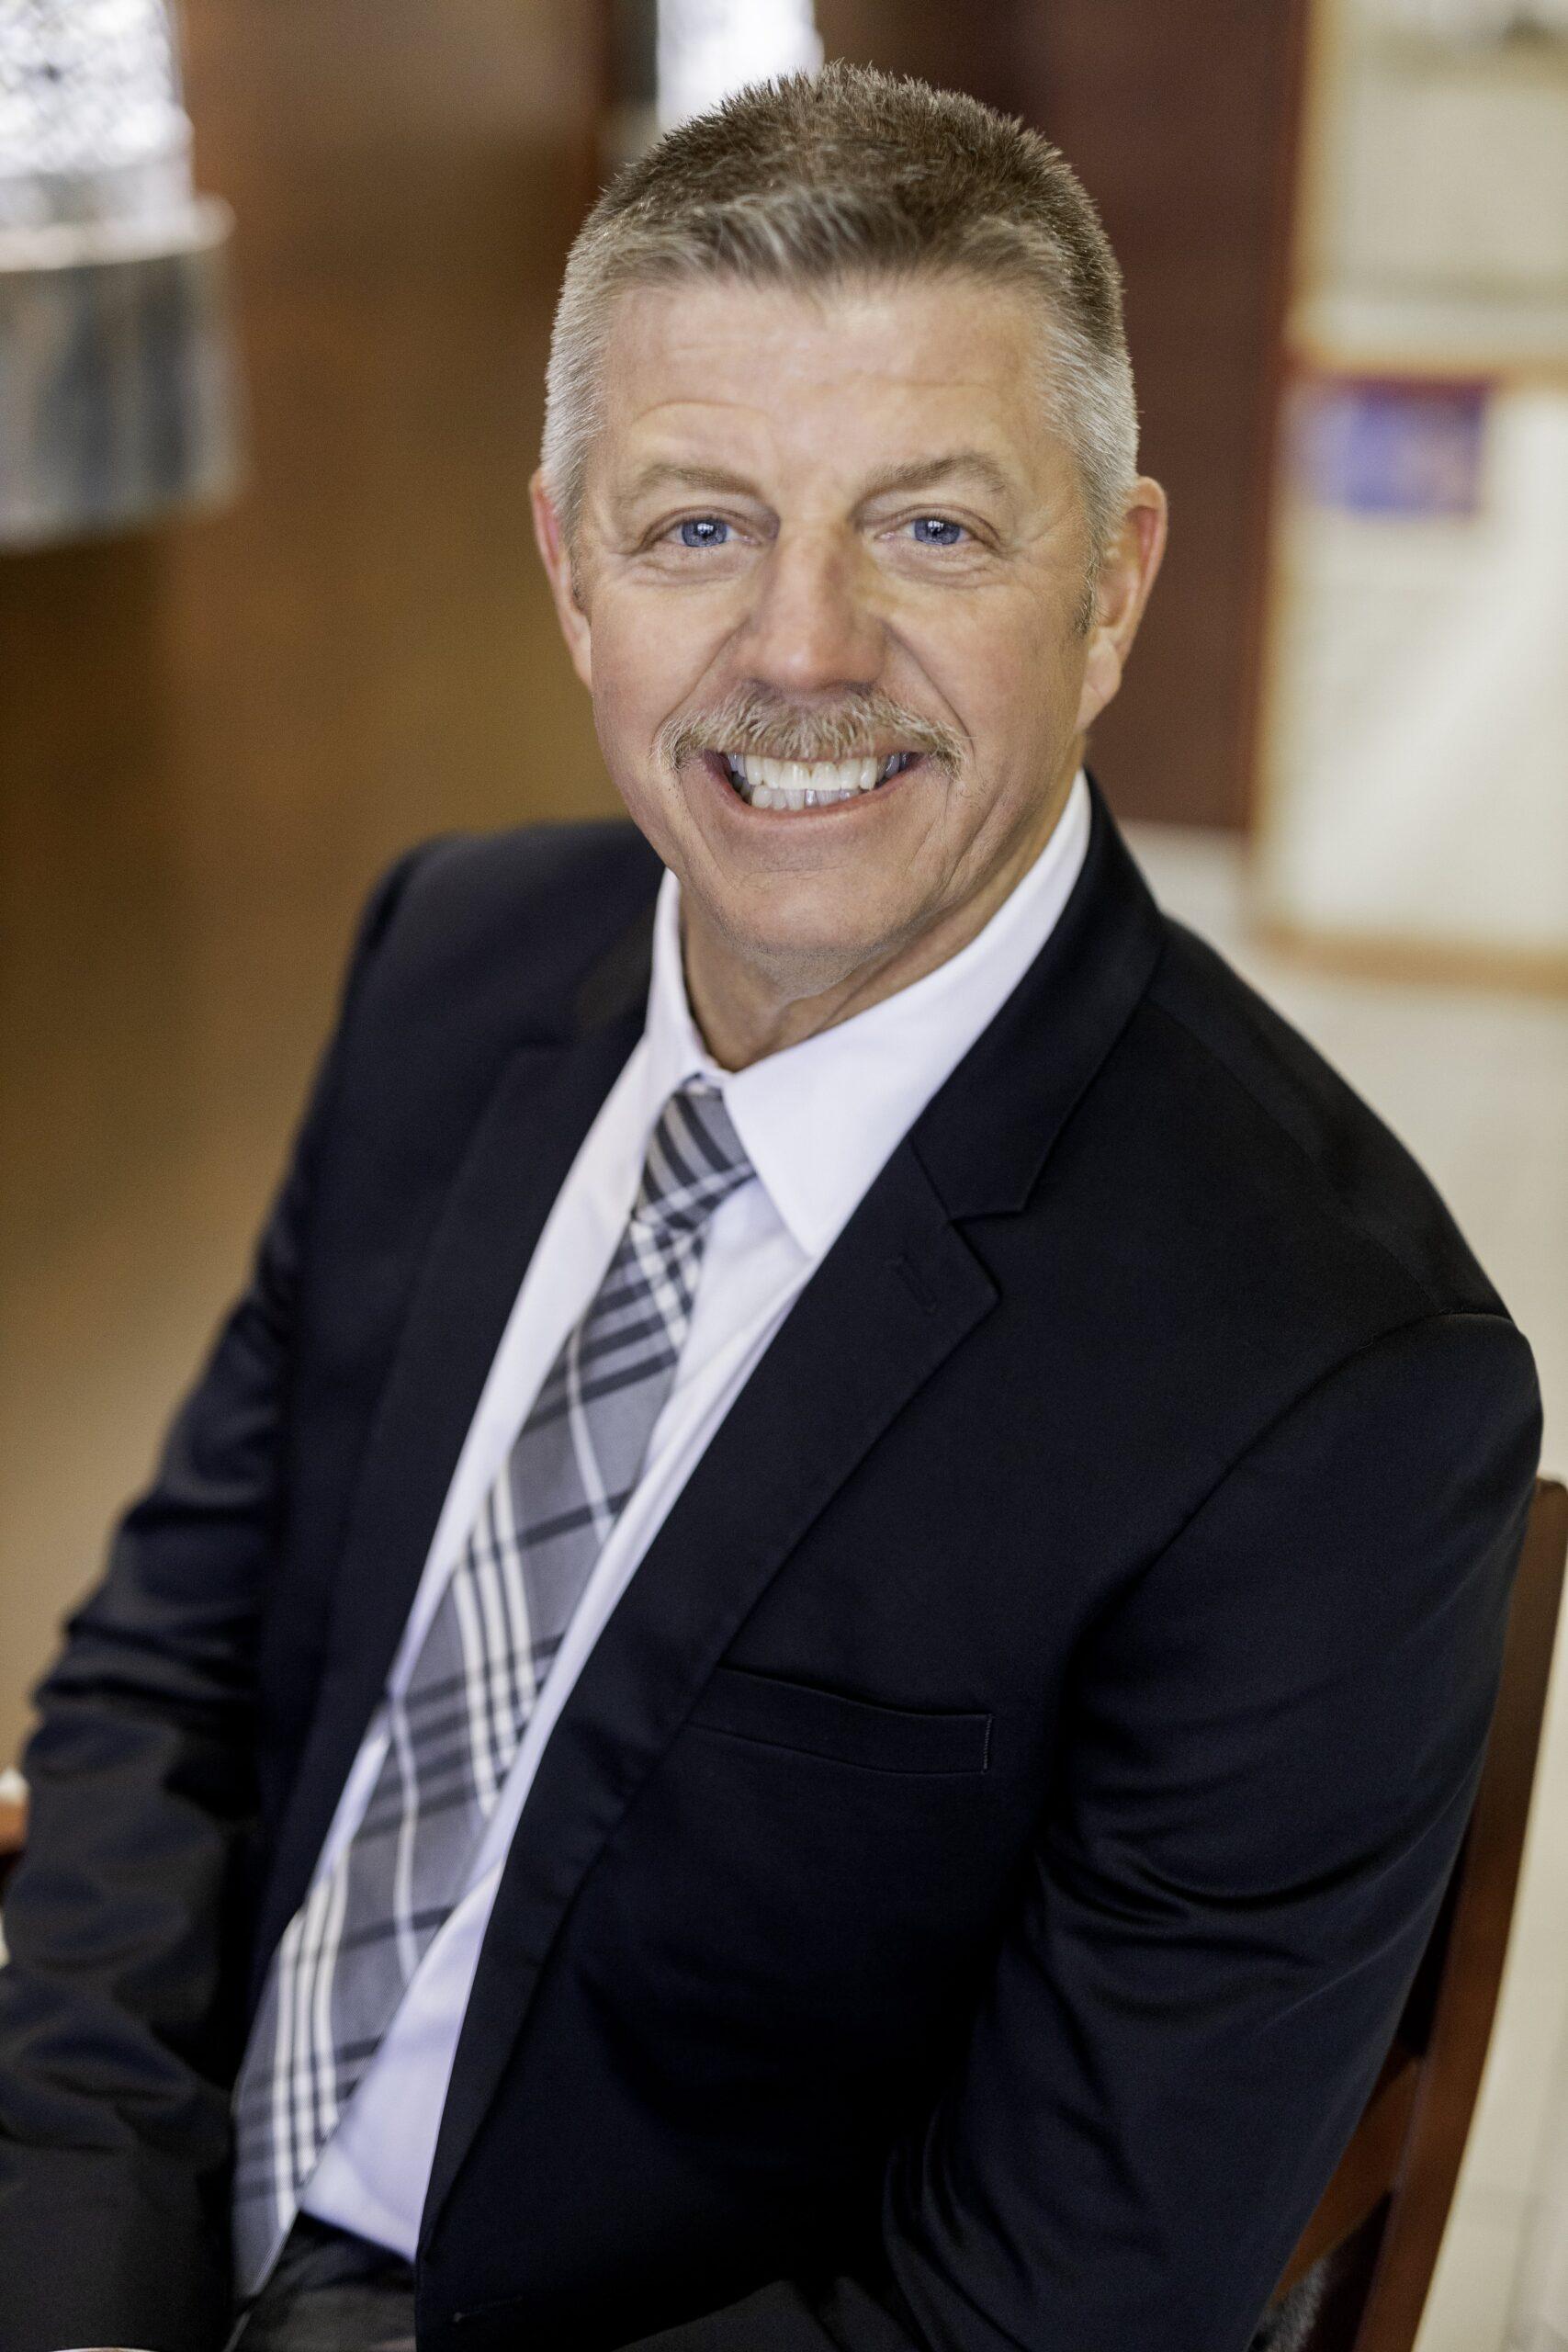 photo of bank employee tom boyce